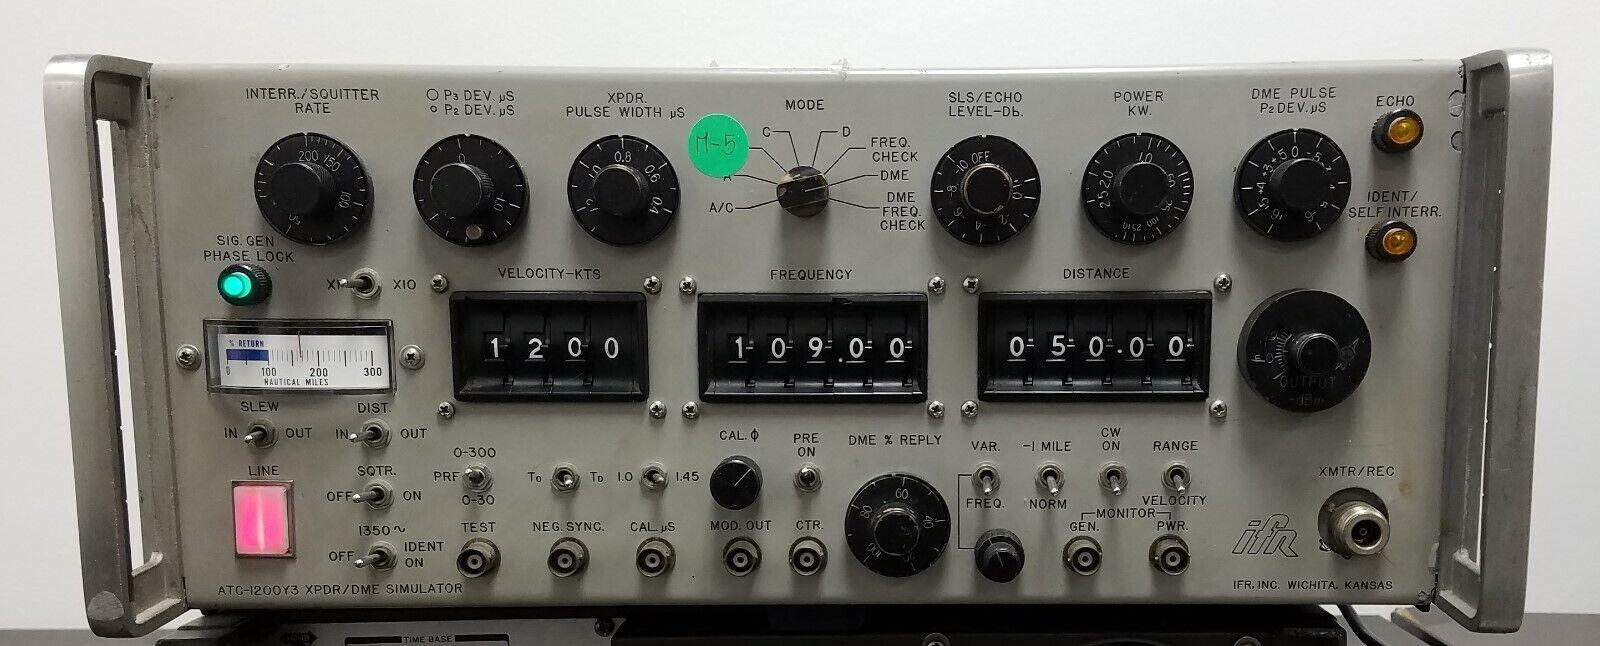 IFR ATC-1200Y3 Bench test set ATC transponder DME